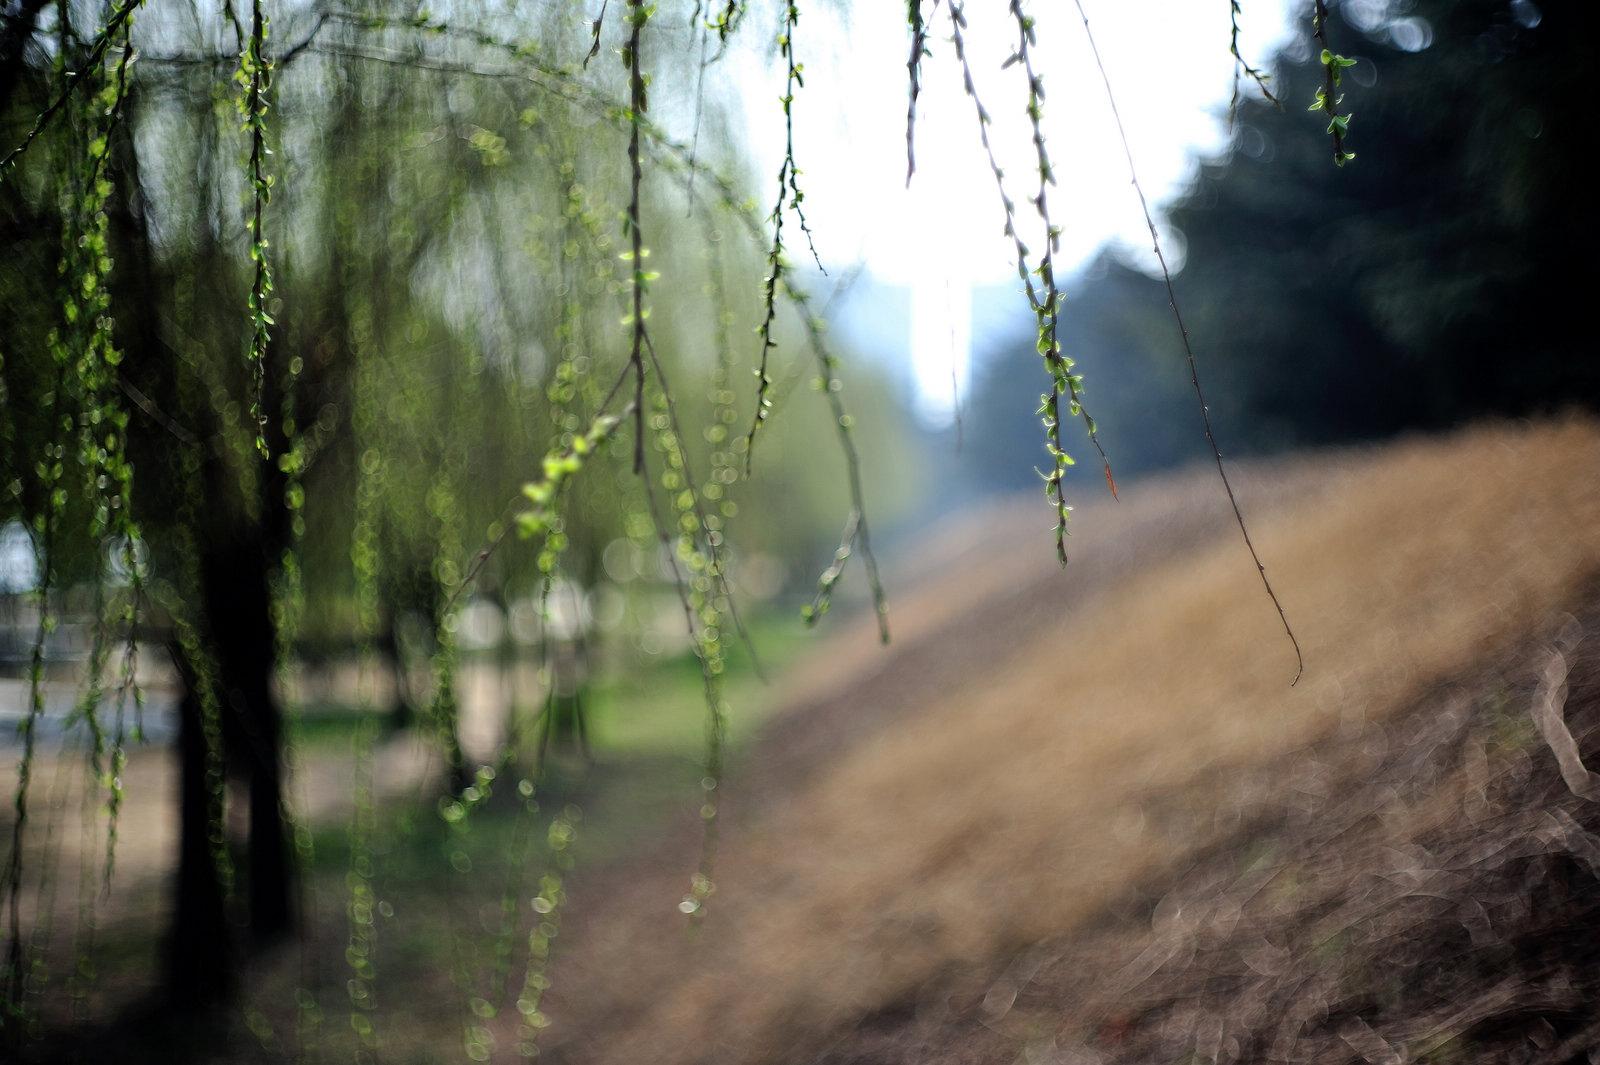 触摸阳光,感受春天